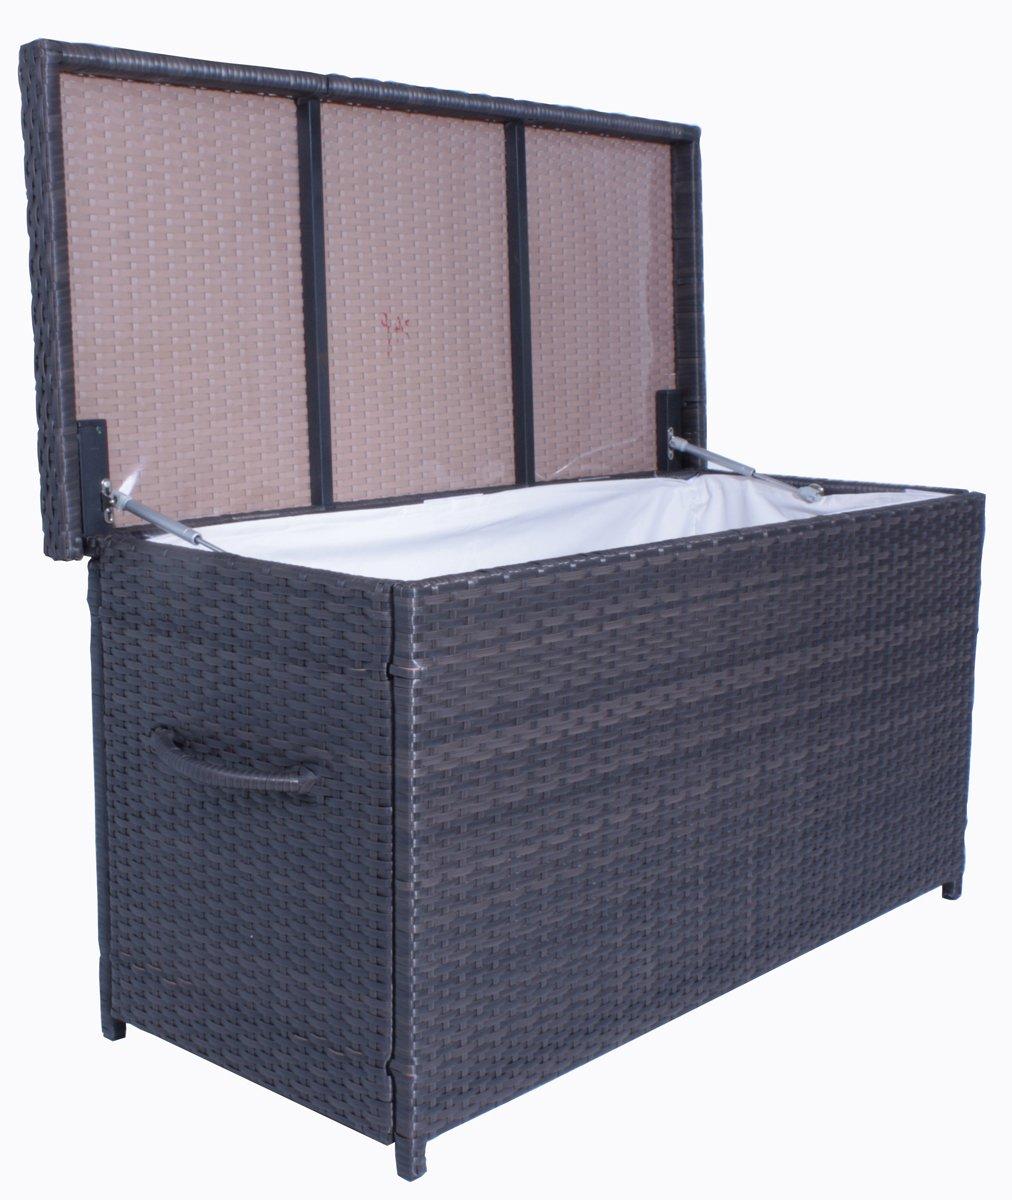 Auflagenbox Kissenbox in Rattanoptik aus Kunststoff/Stahl in der Farbe Coffee